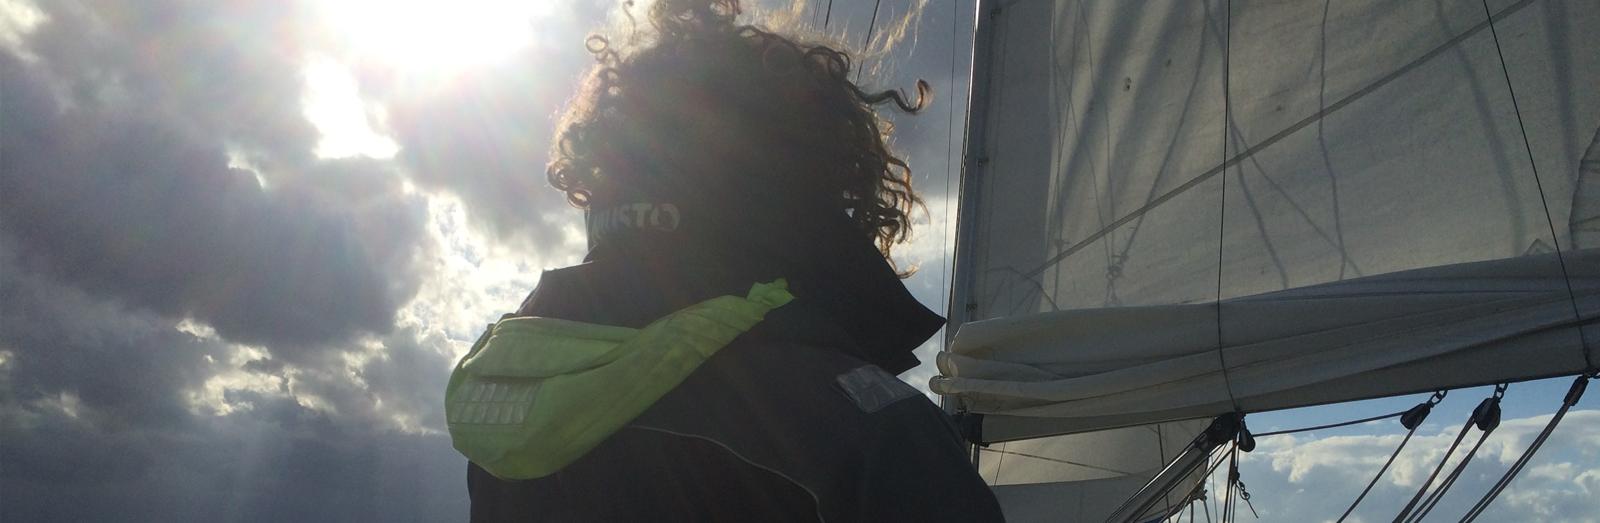 RYA start yachting